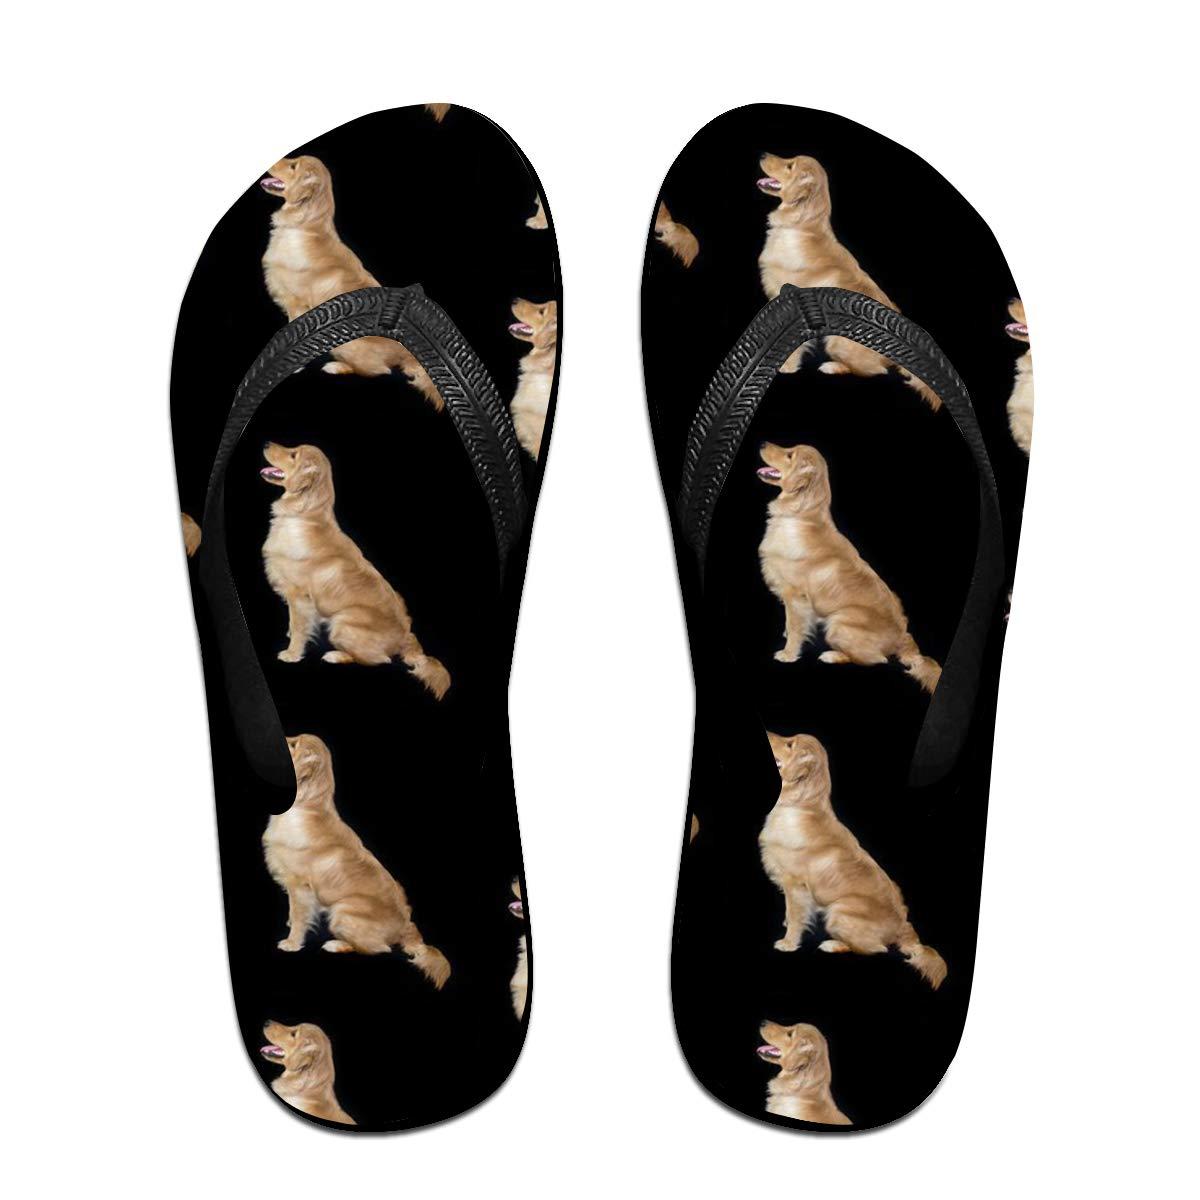 Golden Retriever Mens and Womens Light Weight Shock Proof Summer Beach Slippers Flip Flops Sandals